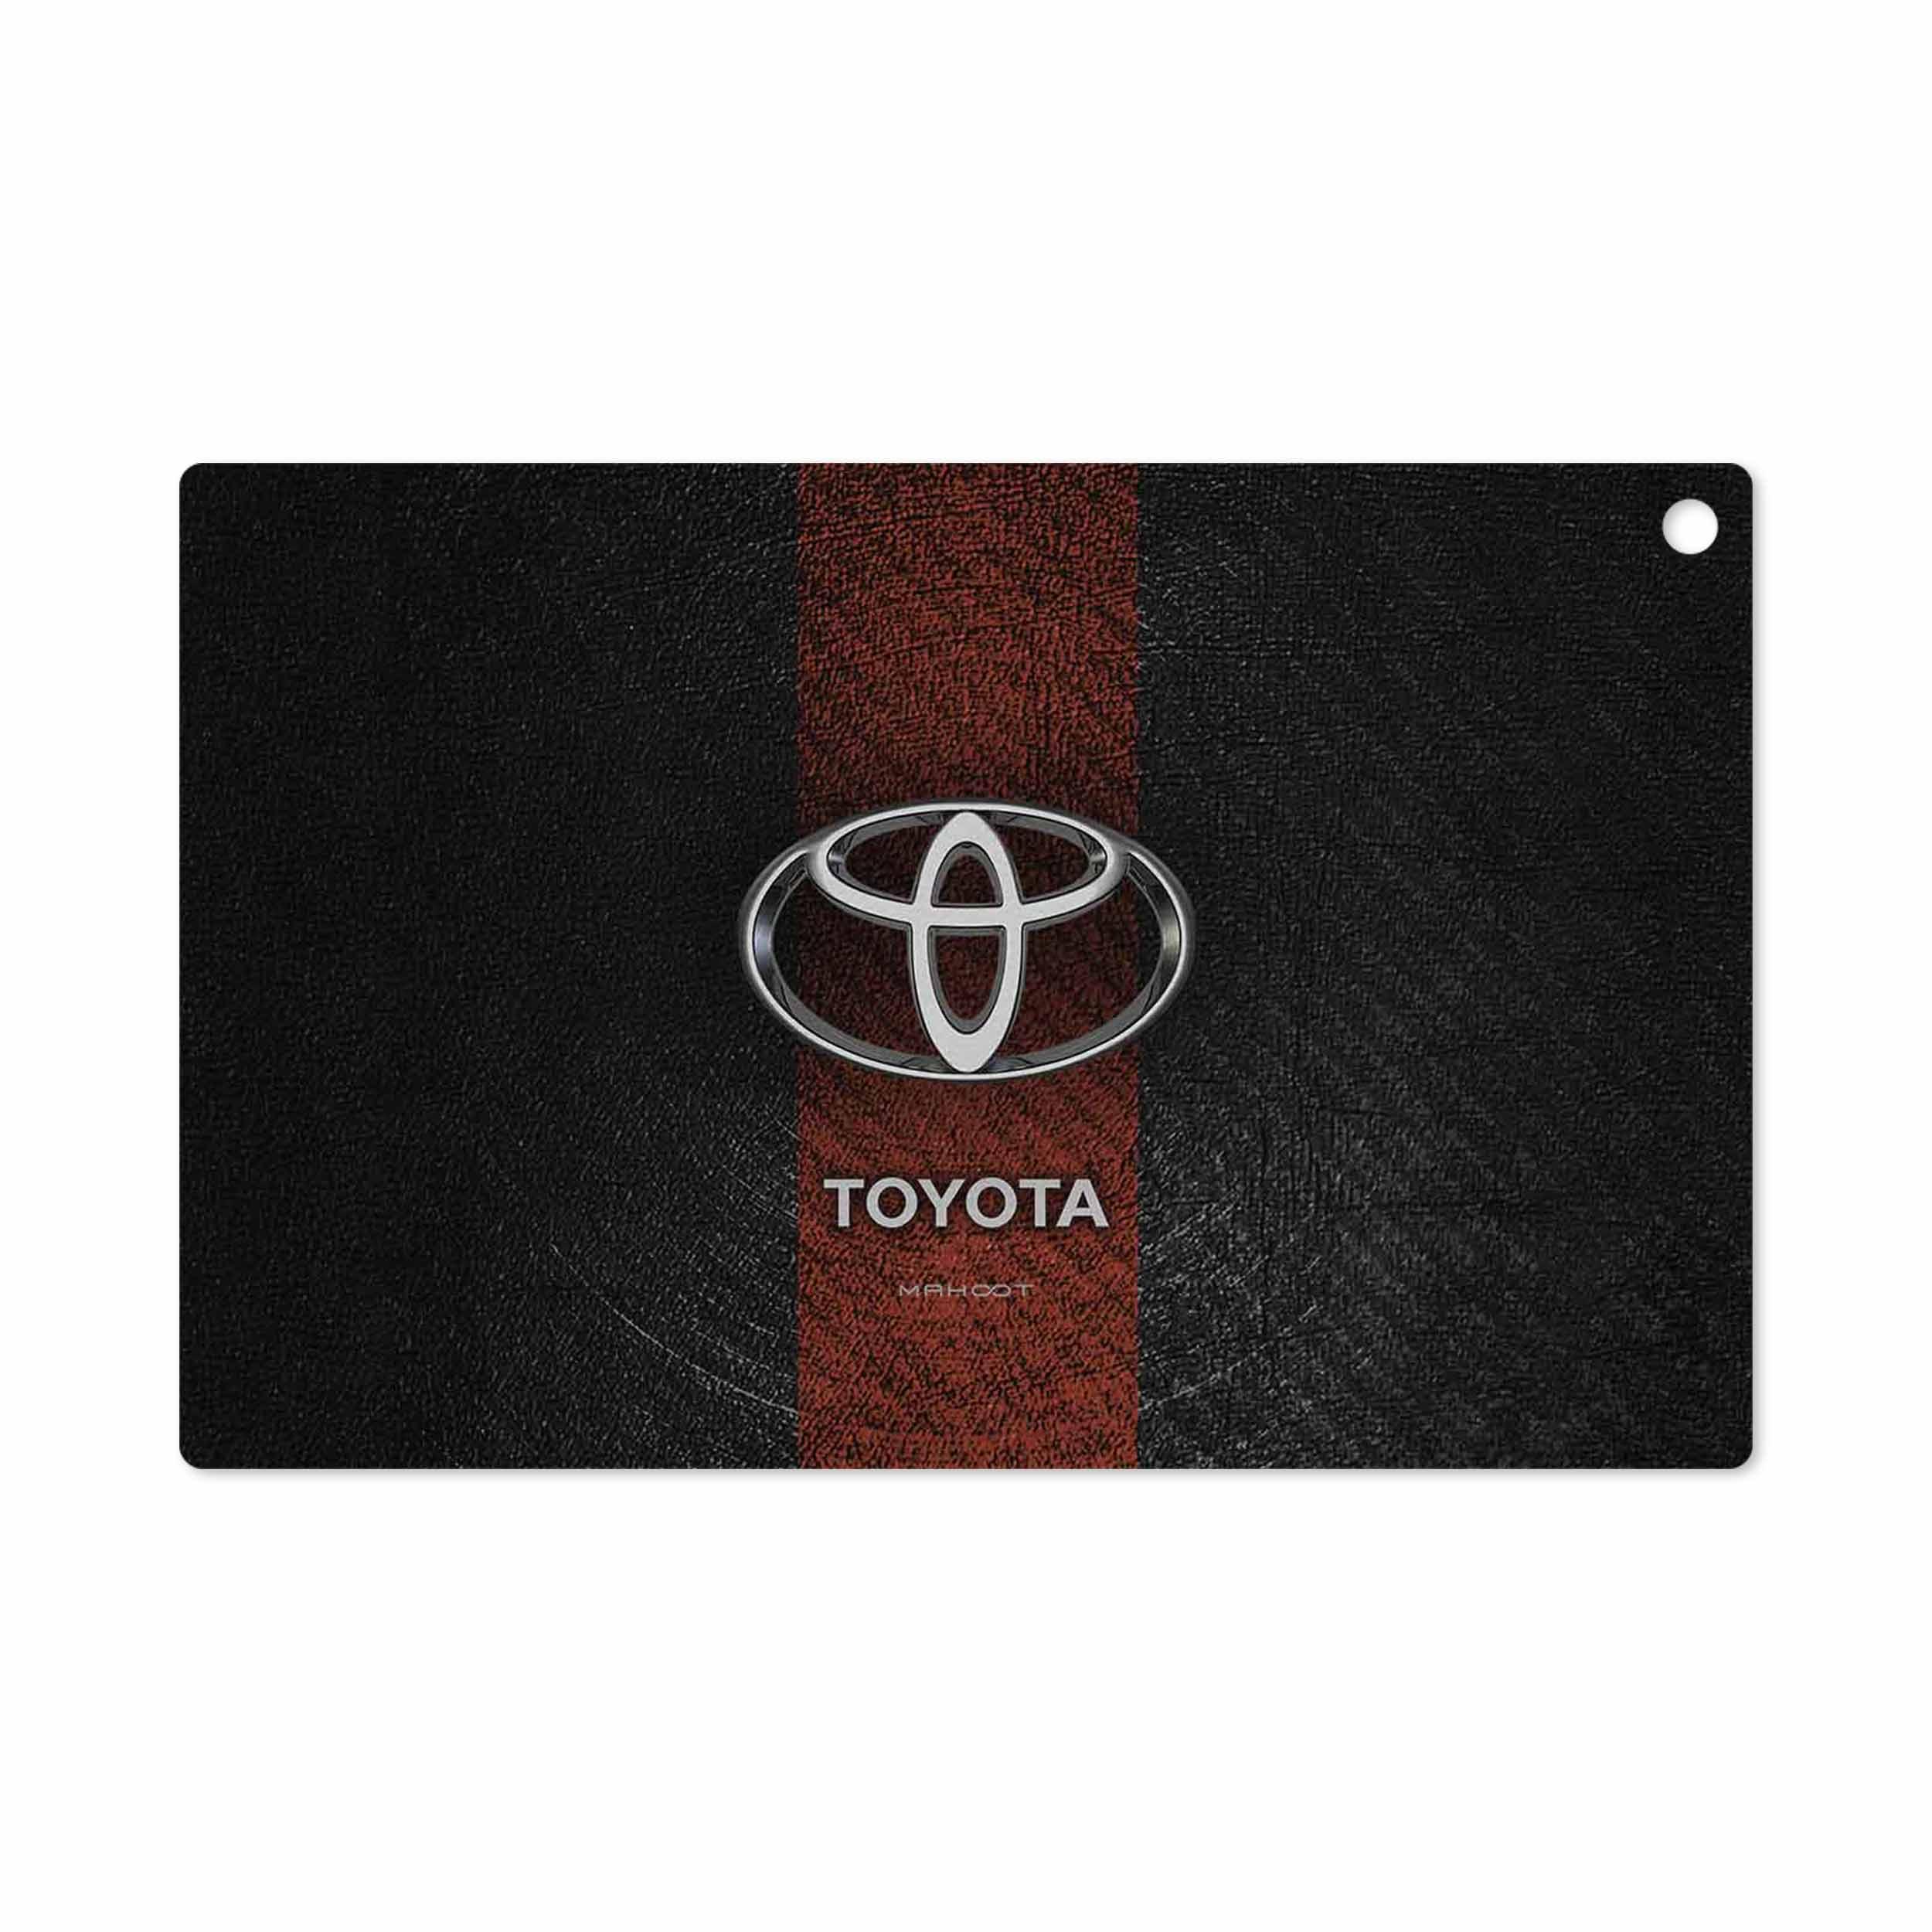 بررسی و خرید [با تخفیف]                                     برچسب پوششی ماهوت مدل TOYOTA-Logo مناسب برای تبلت سونی Xperia Z2 Tablet LTE 2014                             اورجینال